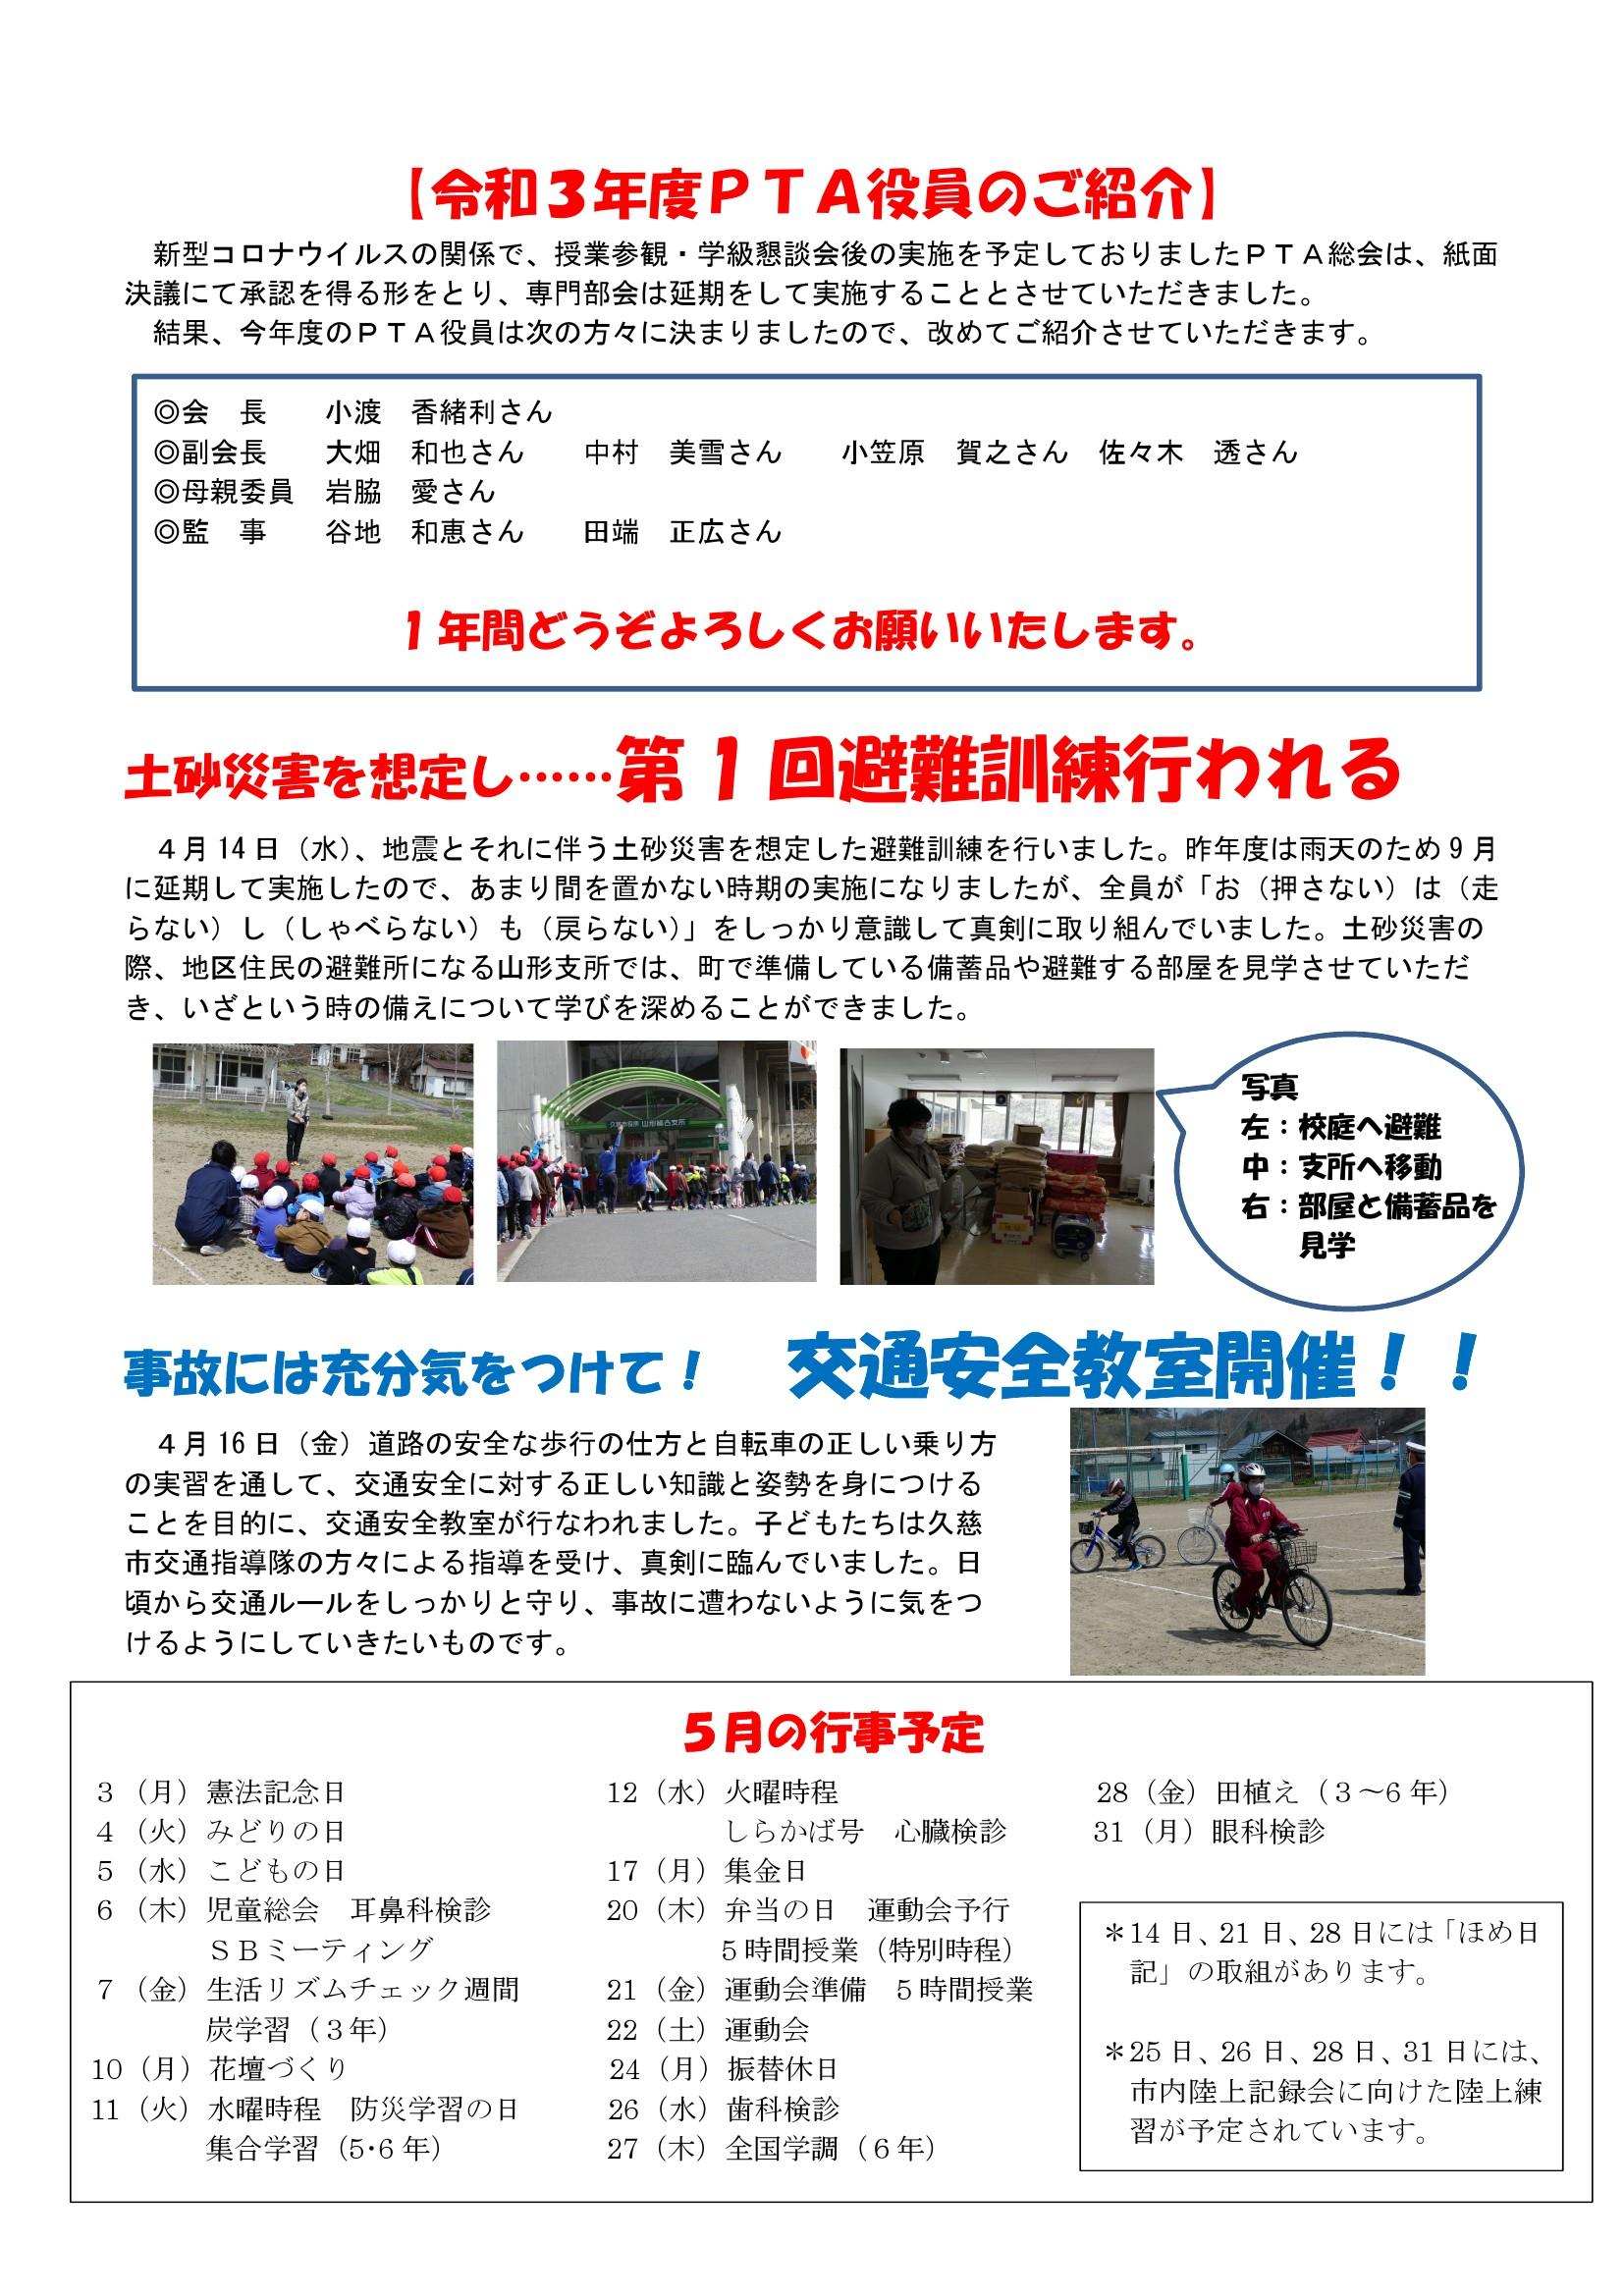 山形小学校だより(4月26日)2ページ